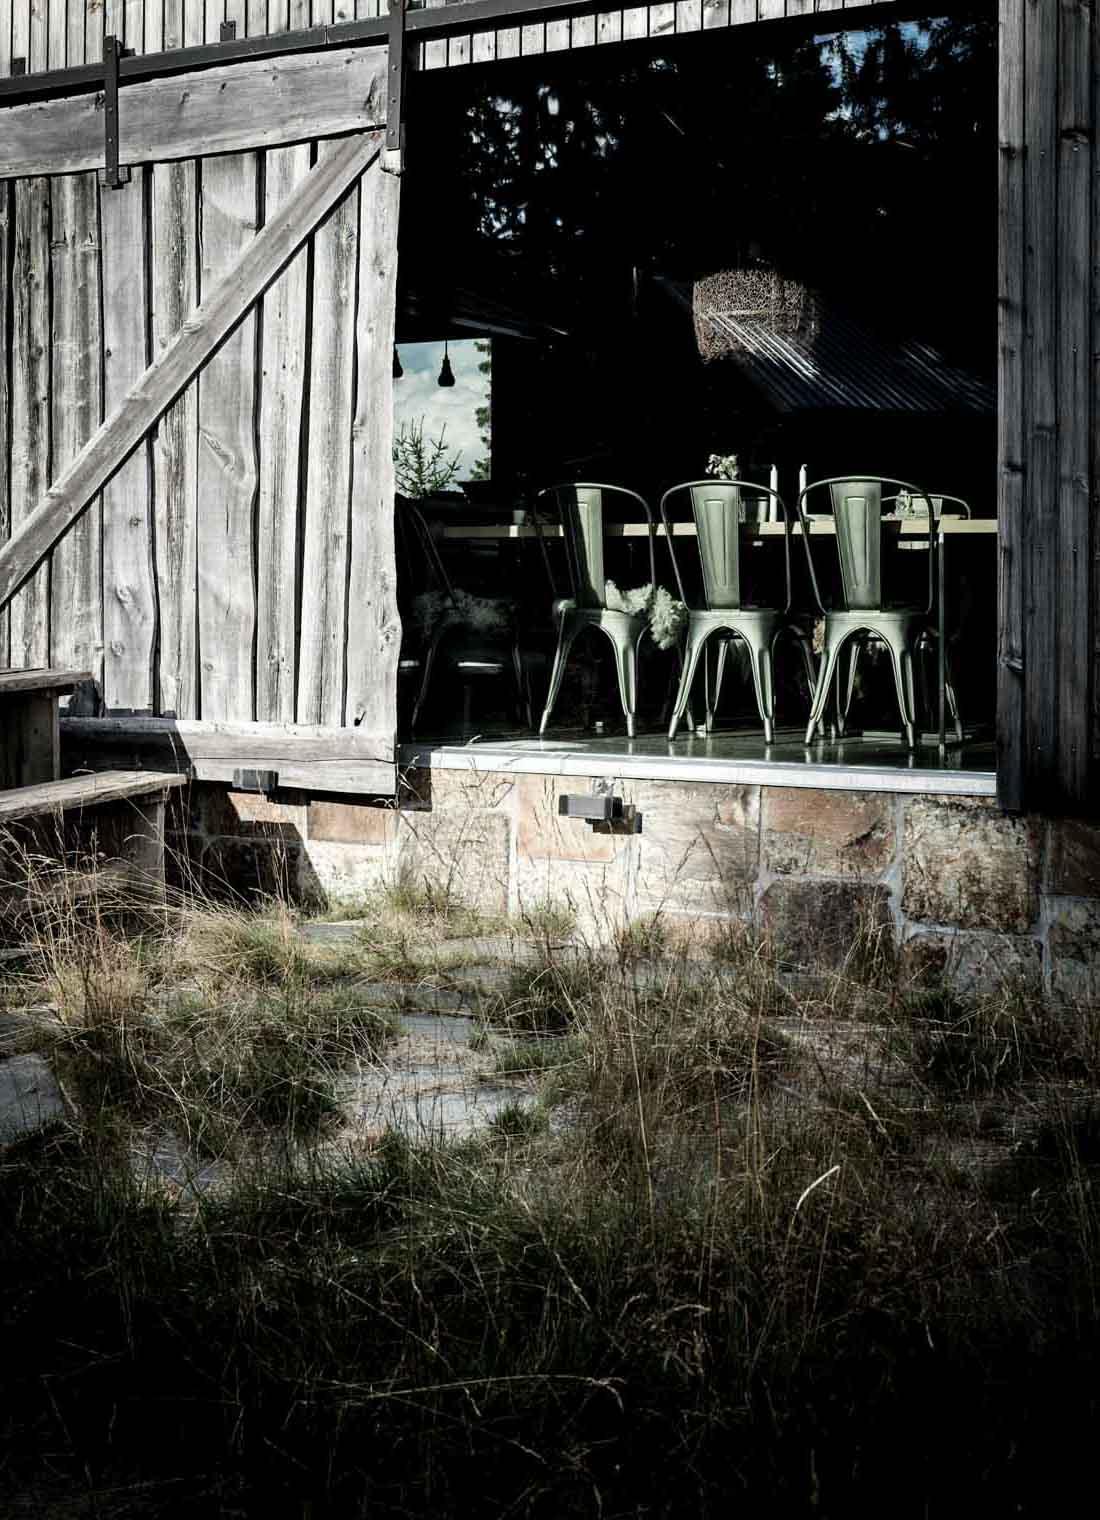 En hytte med gjenbrukt av Ottaskifer rust på grunnmur og trematerialer. Dørene er åpen inn til en moderne møblert spisestue.